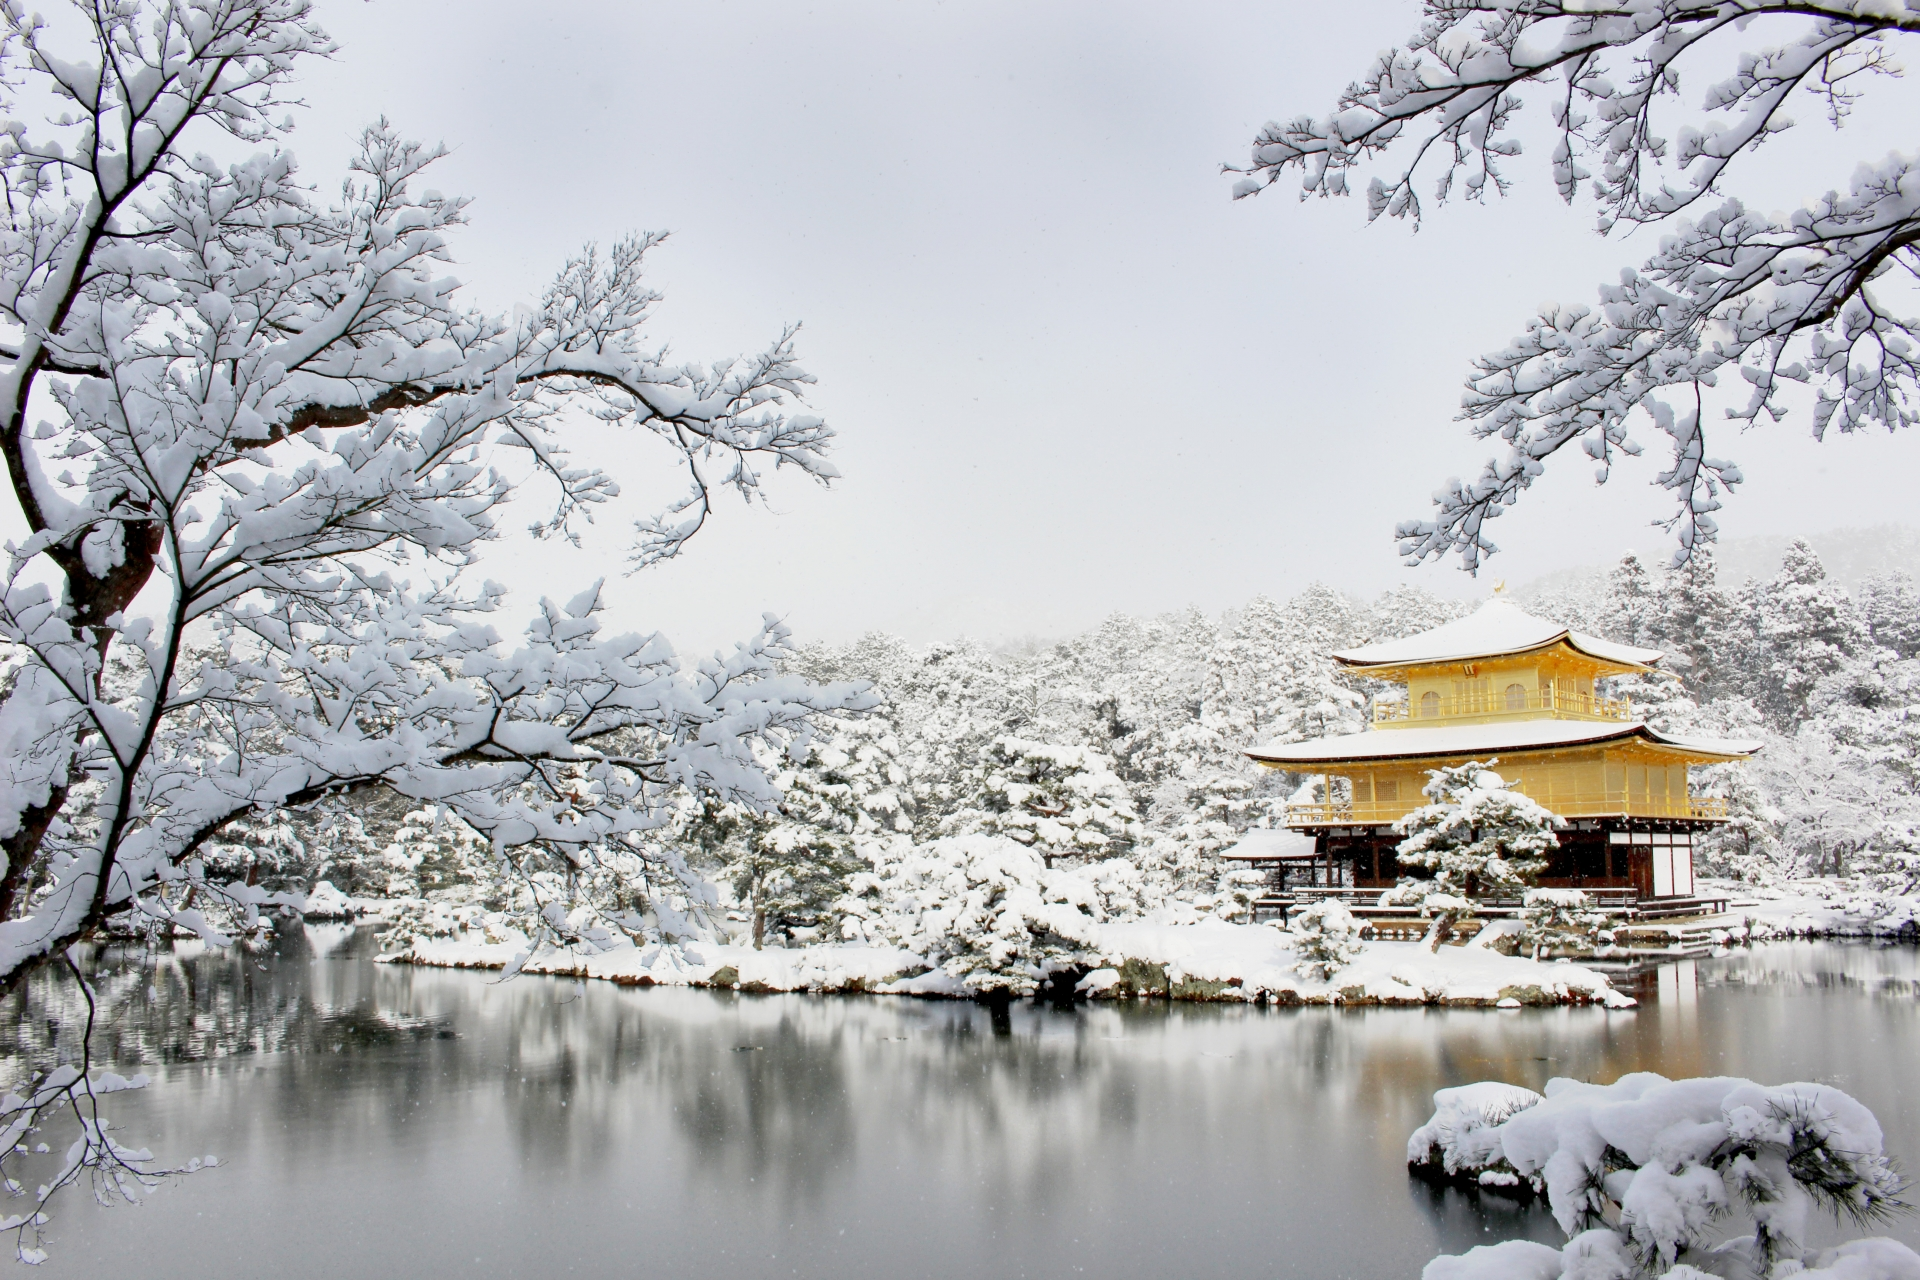 Kinkakuji snow kyoto